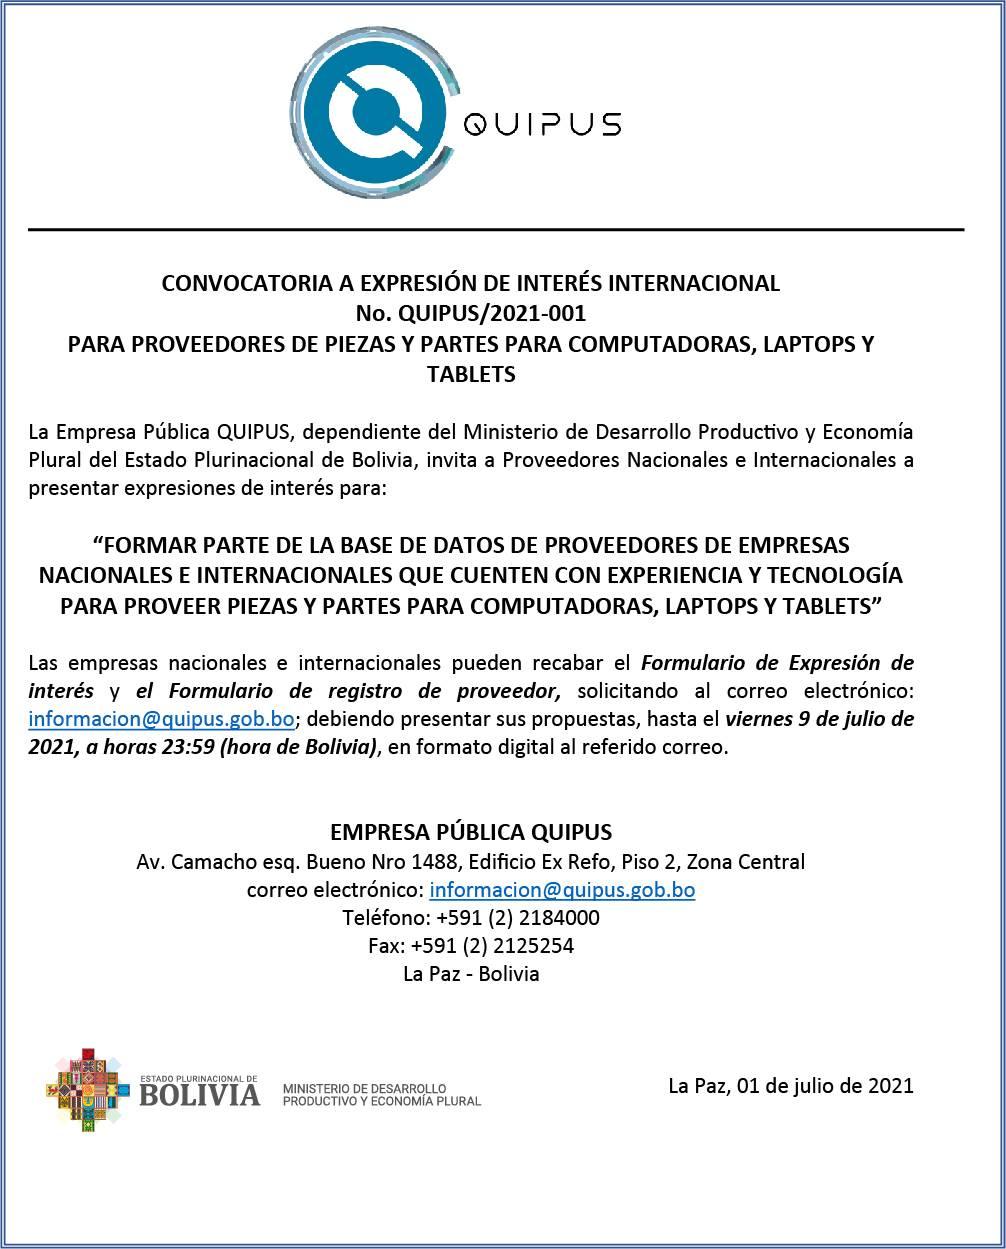 CONV_EXPR_DE_INTERÉS_INTERNACIONAL